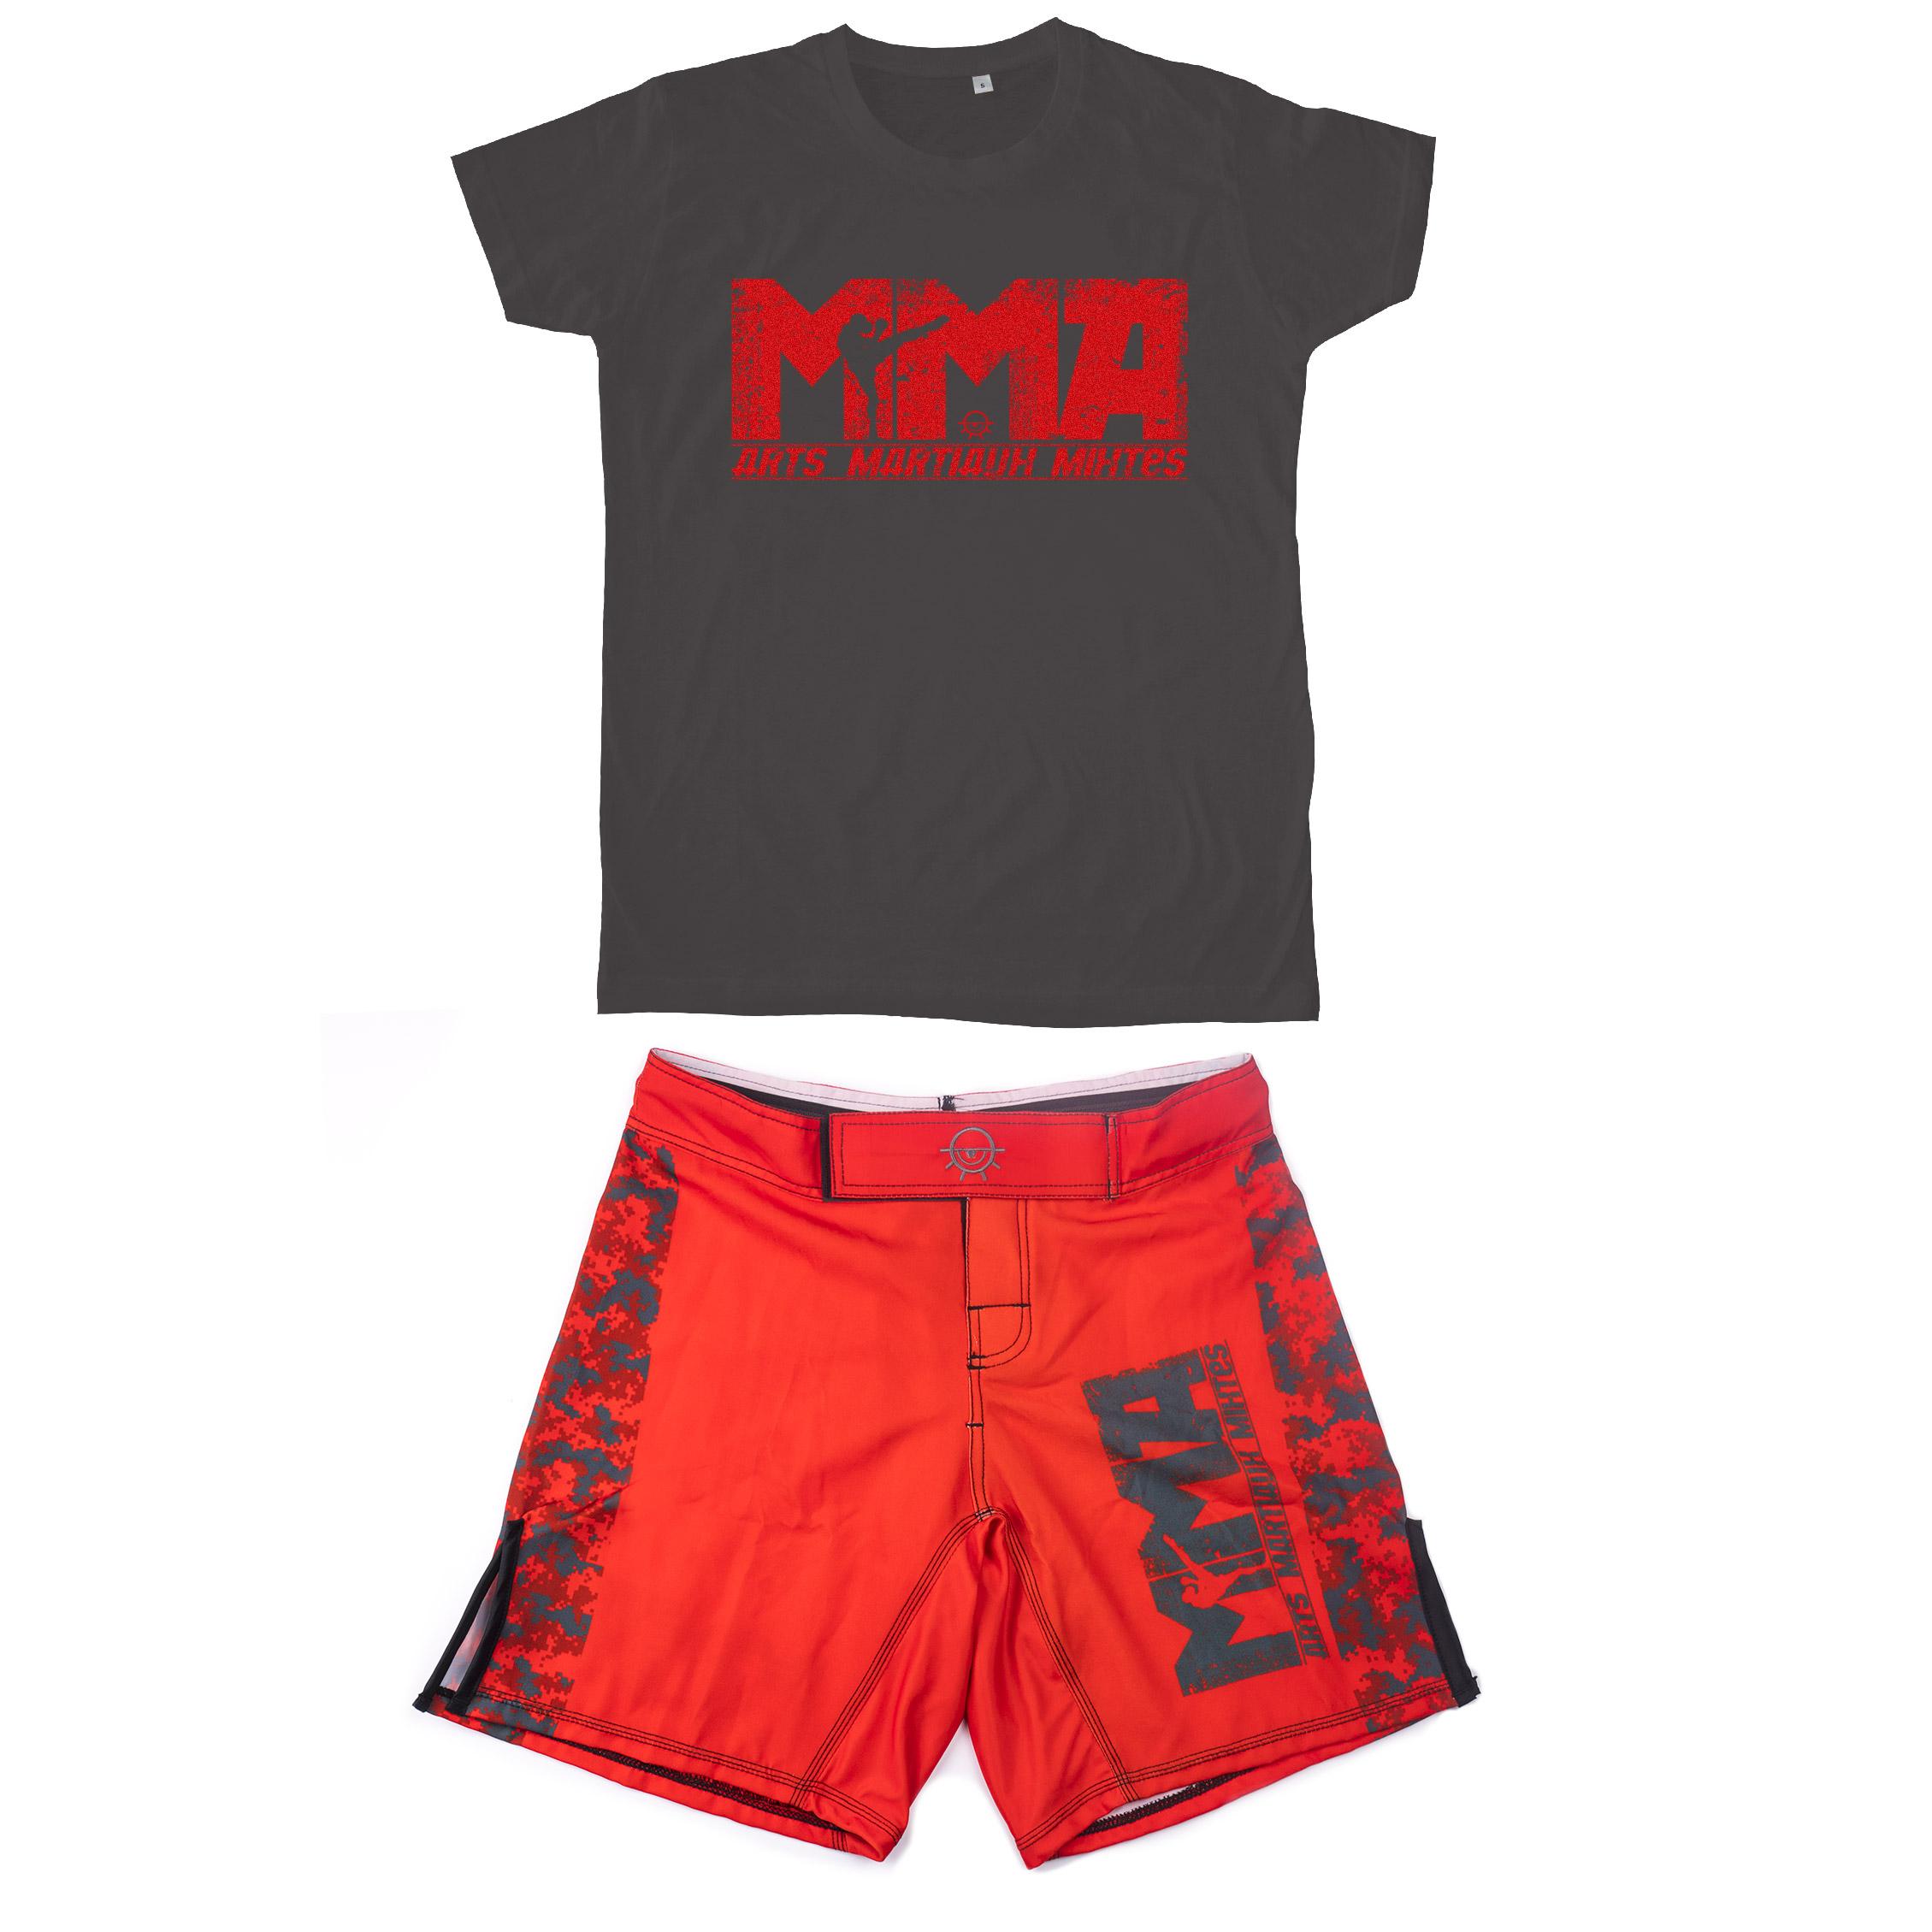 tenue version rouge jeu - 2018, vraie année de naissance de la marque